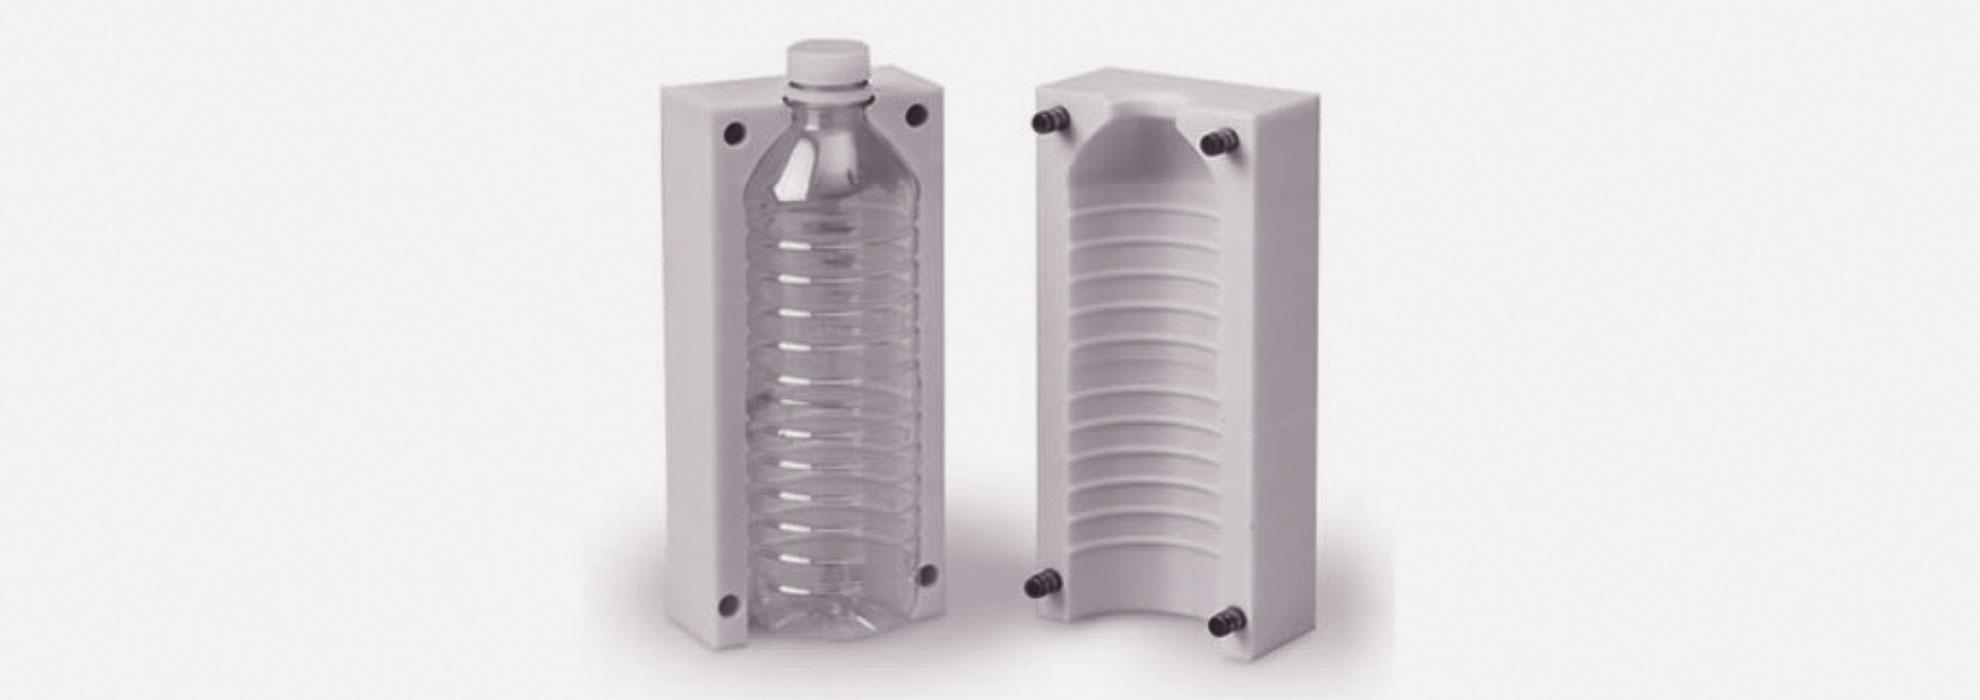 Форма для изготовления фигурных пластиковых бутылок